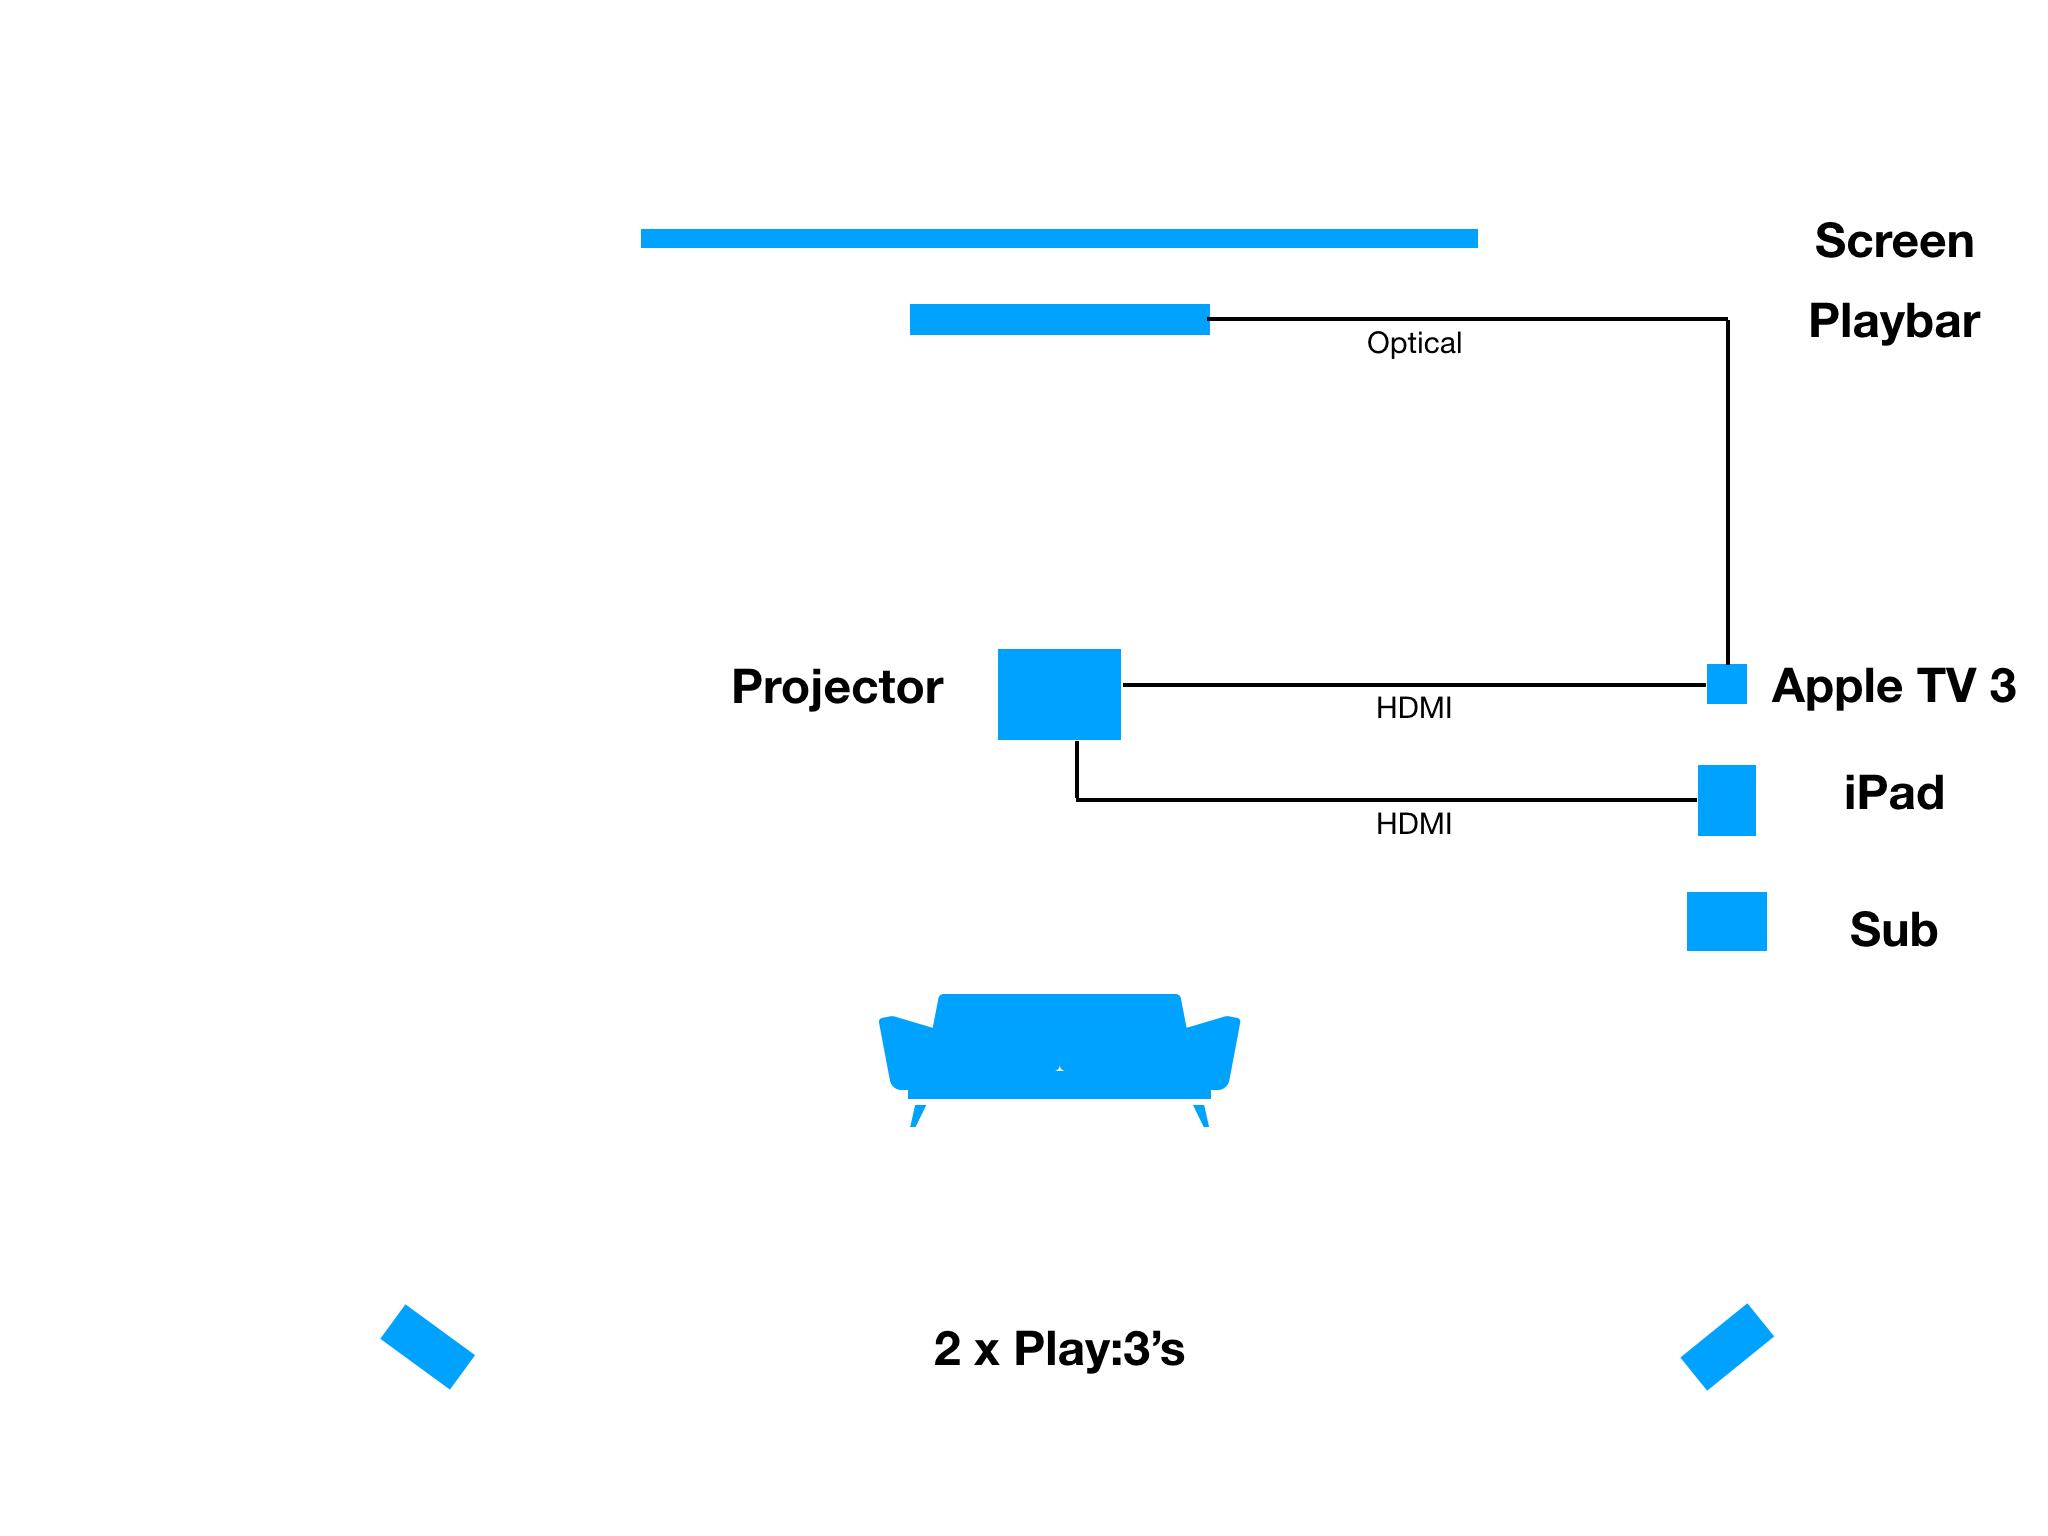 hdmi surround sound wiring diagram home theater hdmi wiring diagram wiring diagram data  home theater hdmi wiring diagram